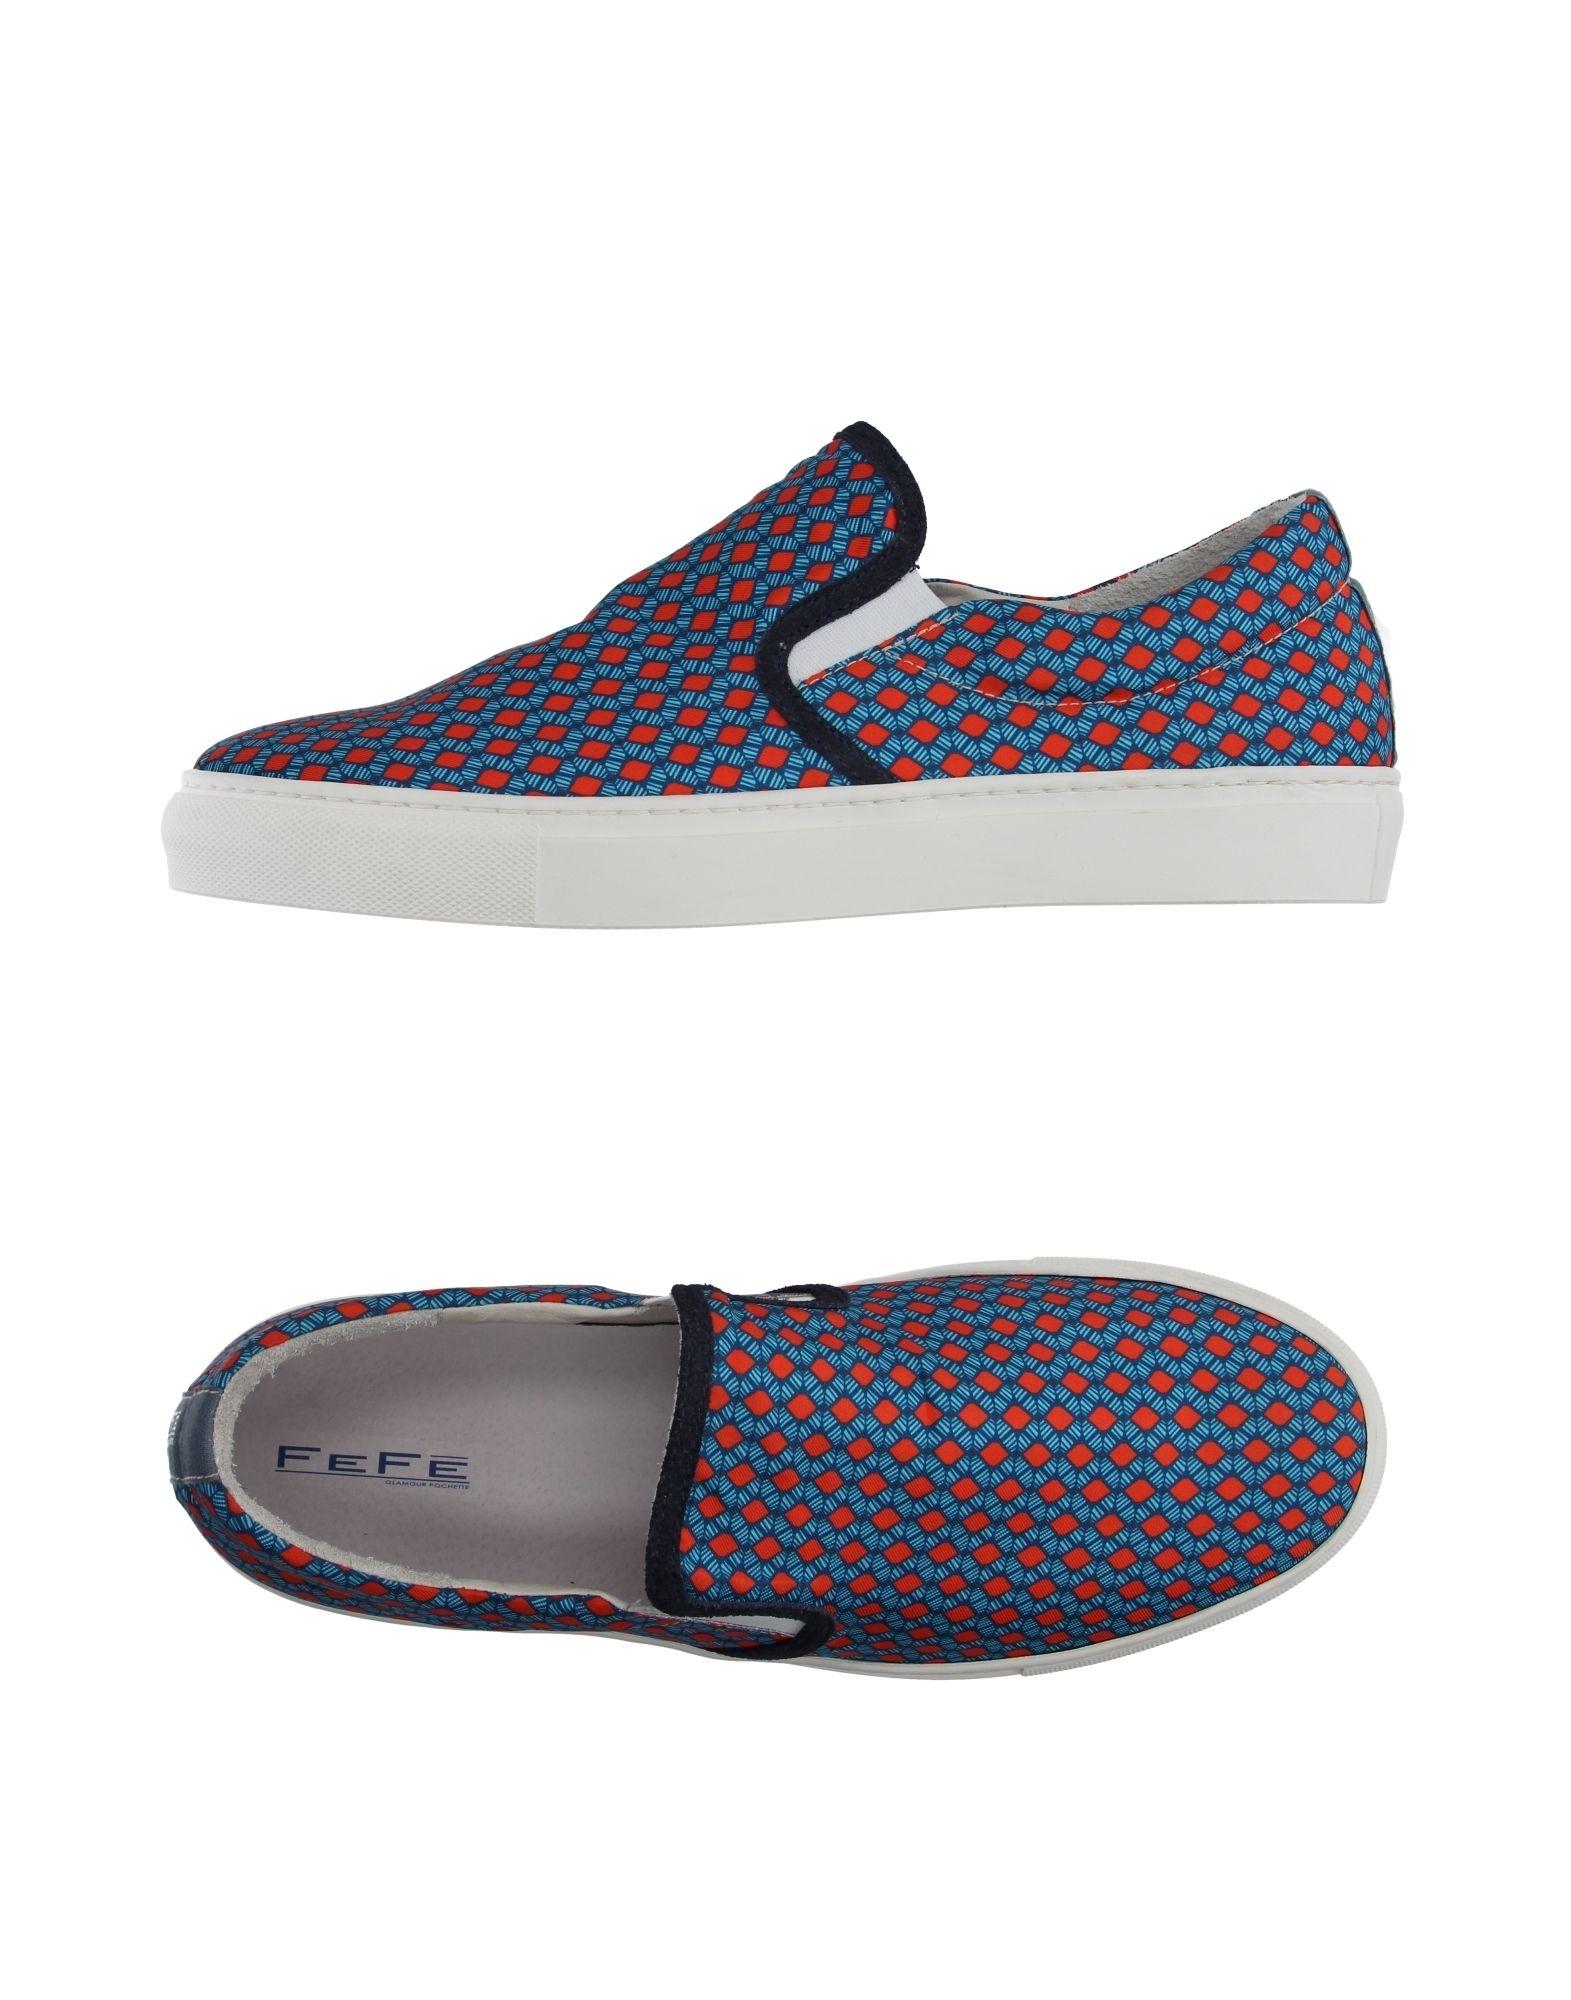 Sneakers Fefē Glamour Pochette Homme - Sneakers Fefē Glamour Pochette  Bleu d'azur Spécial temps limité